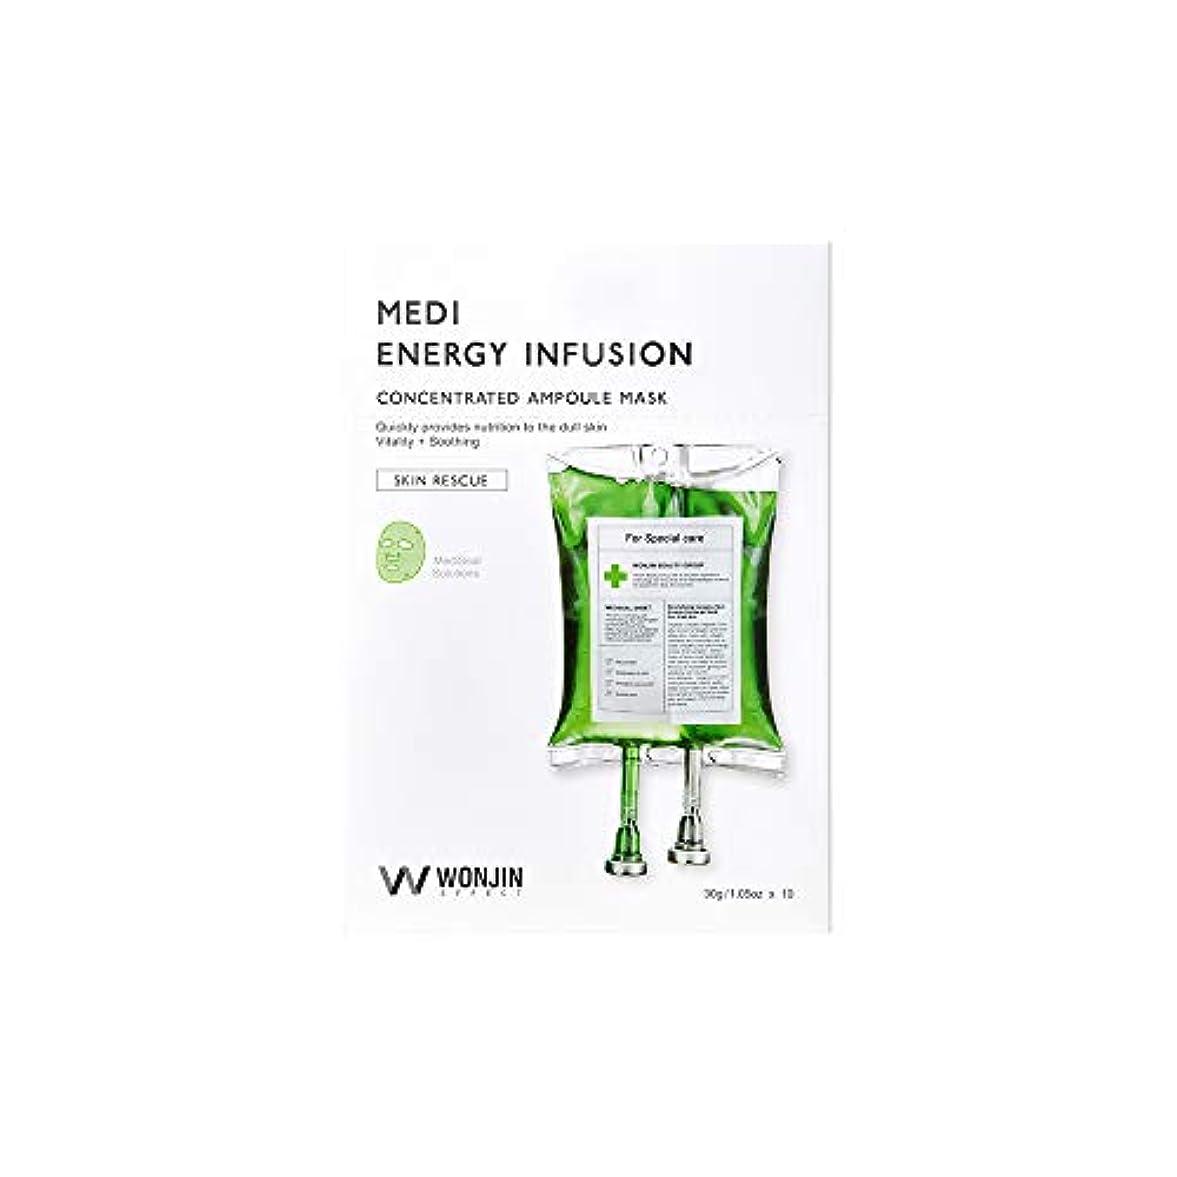 抜粋報告書スキーム[WONJIN EFFECT] メディア エネルギー インフュージョン マスク MEDI ENERGY INFUSION MASK 10EA [